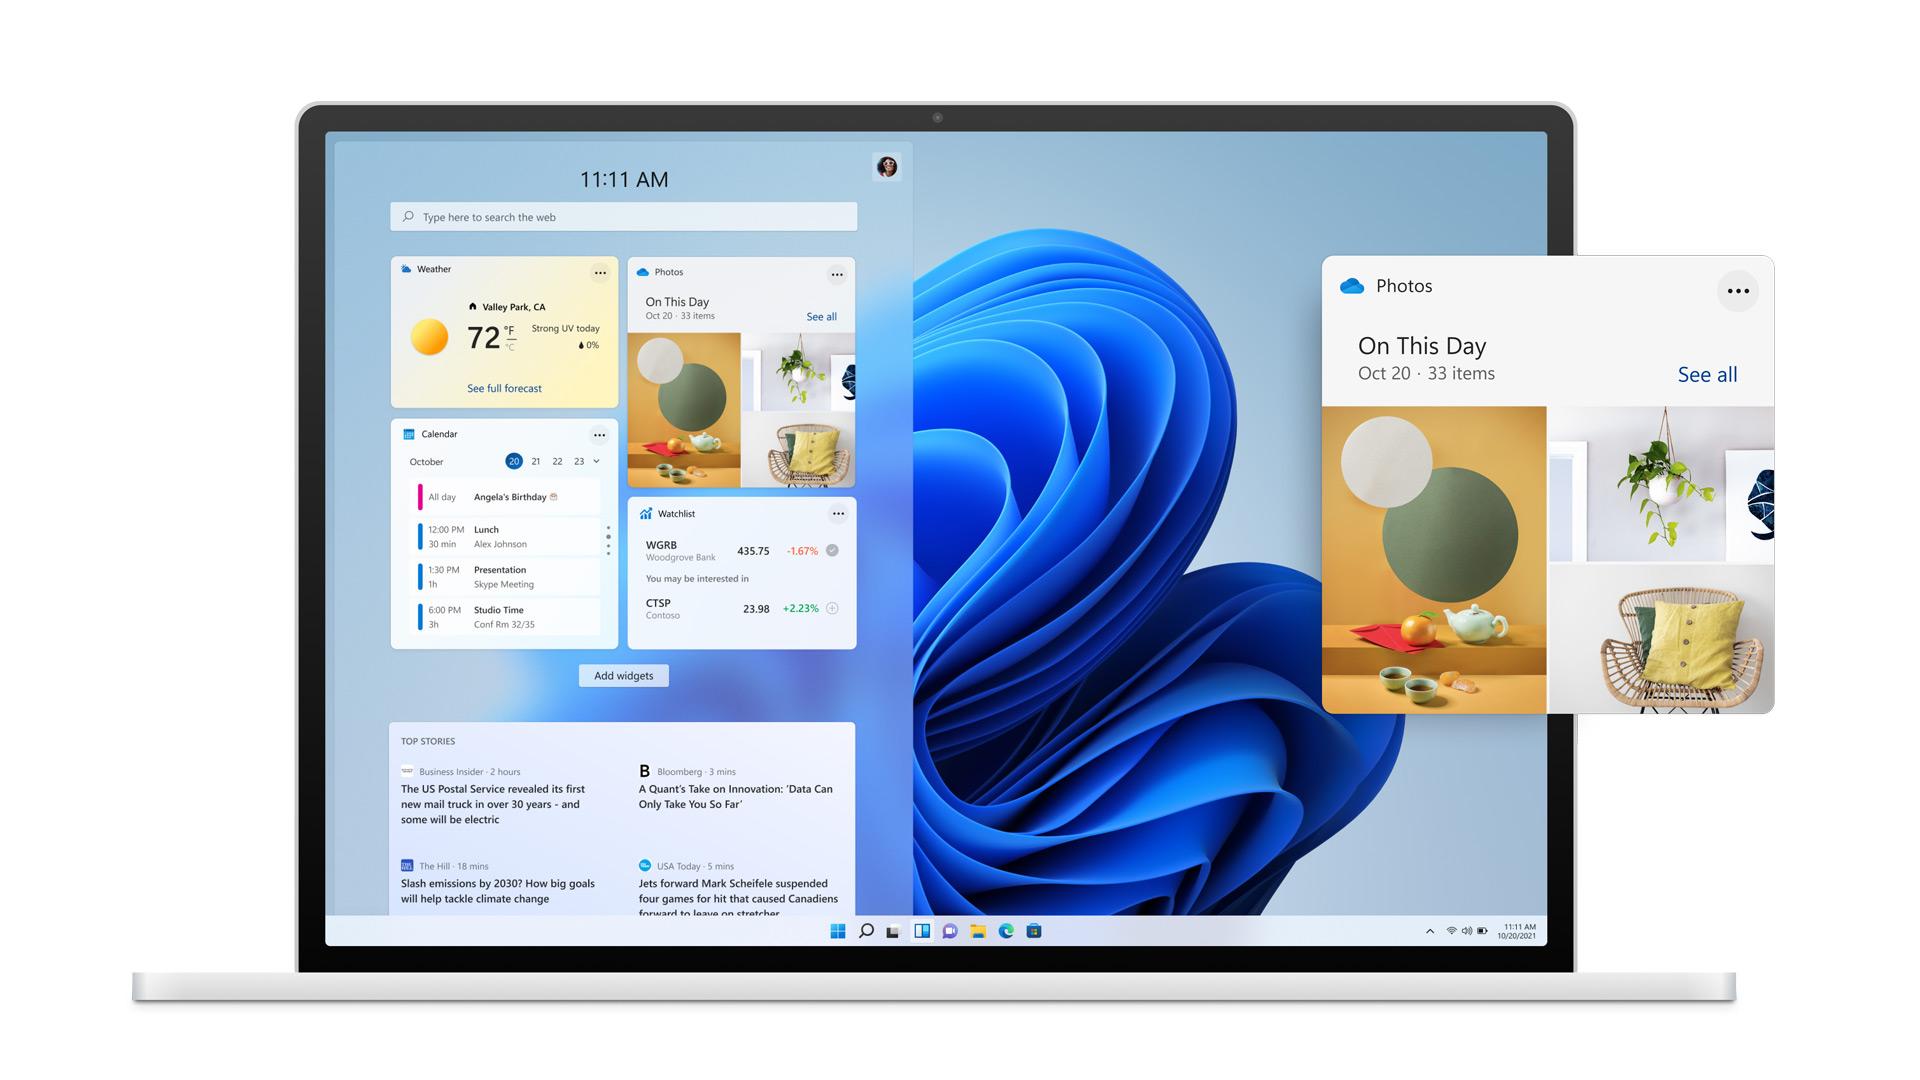 Windows 11 Arabirim Öğeleri ekranı